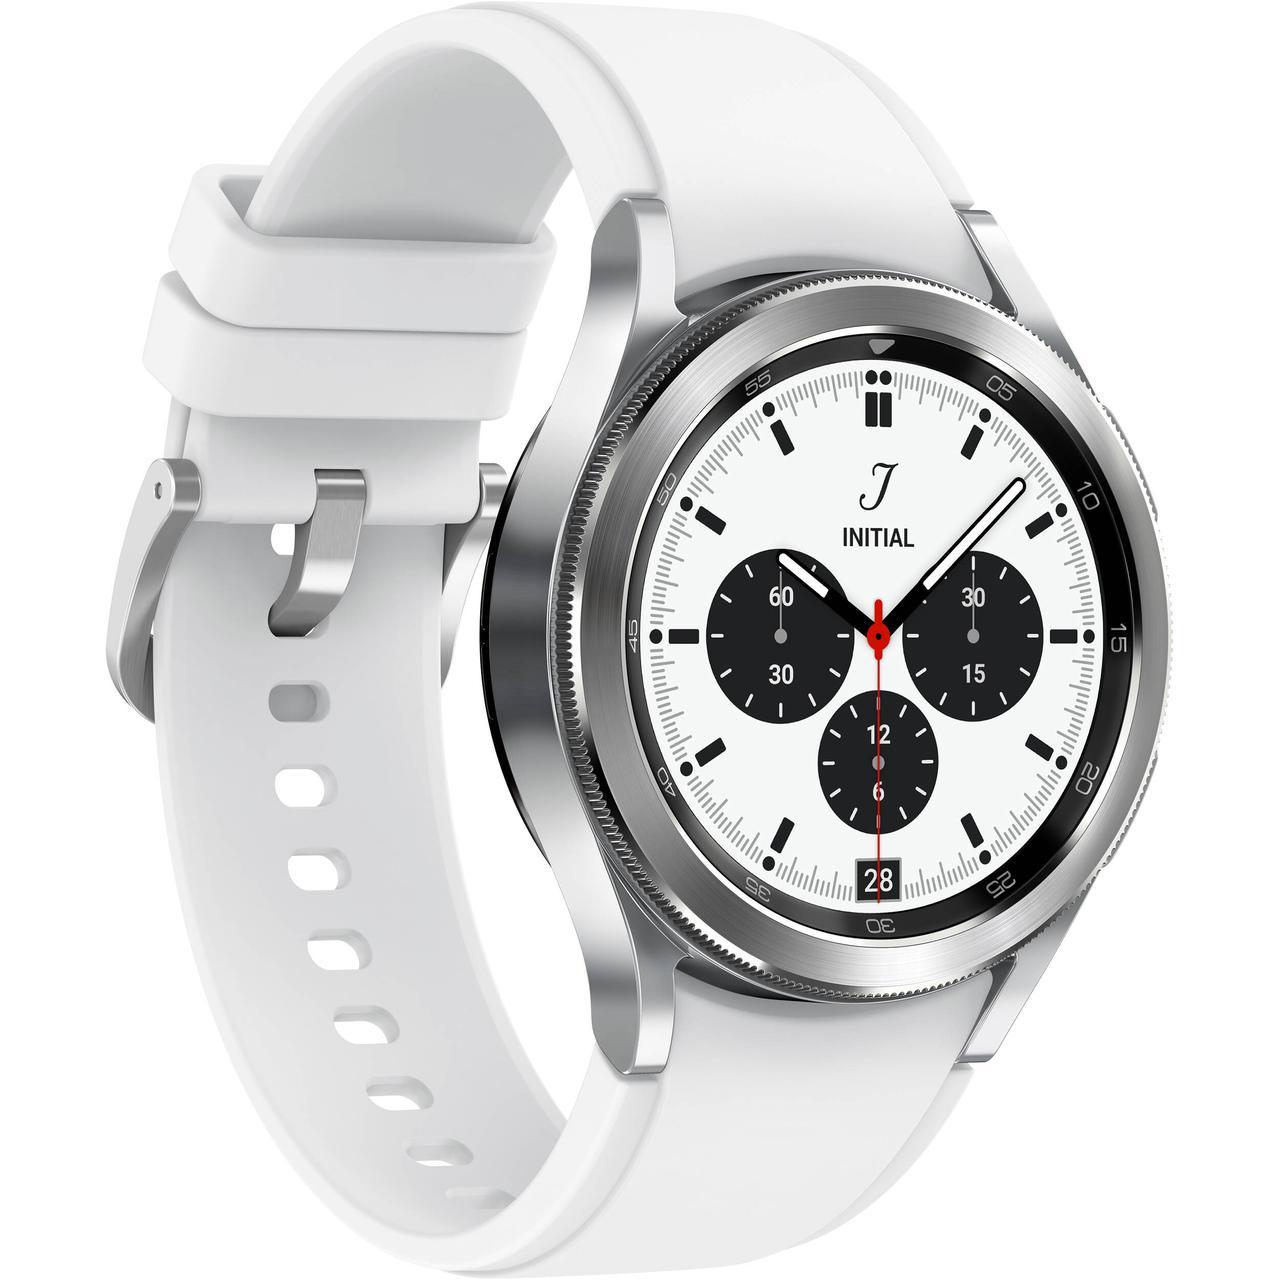 Samsung Galaxy Watch 4 (SM-R880) 46MM classic Silver